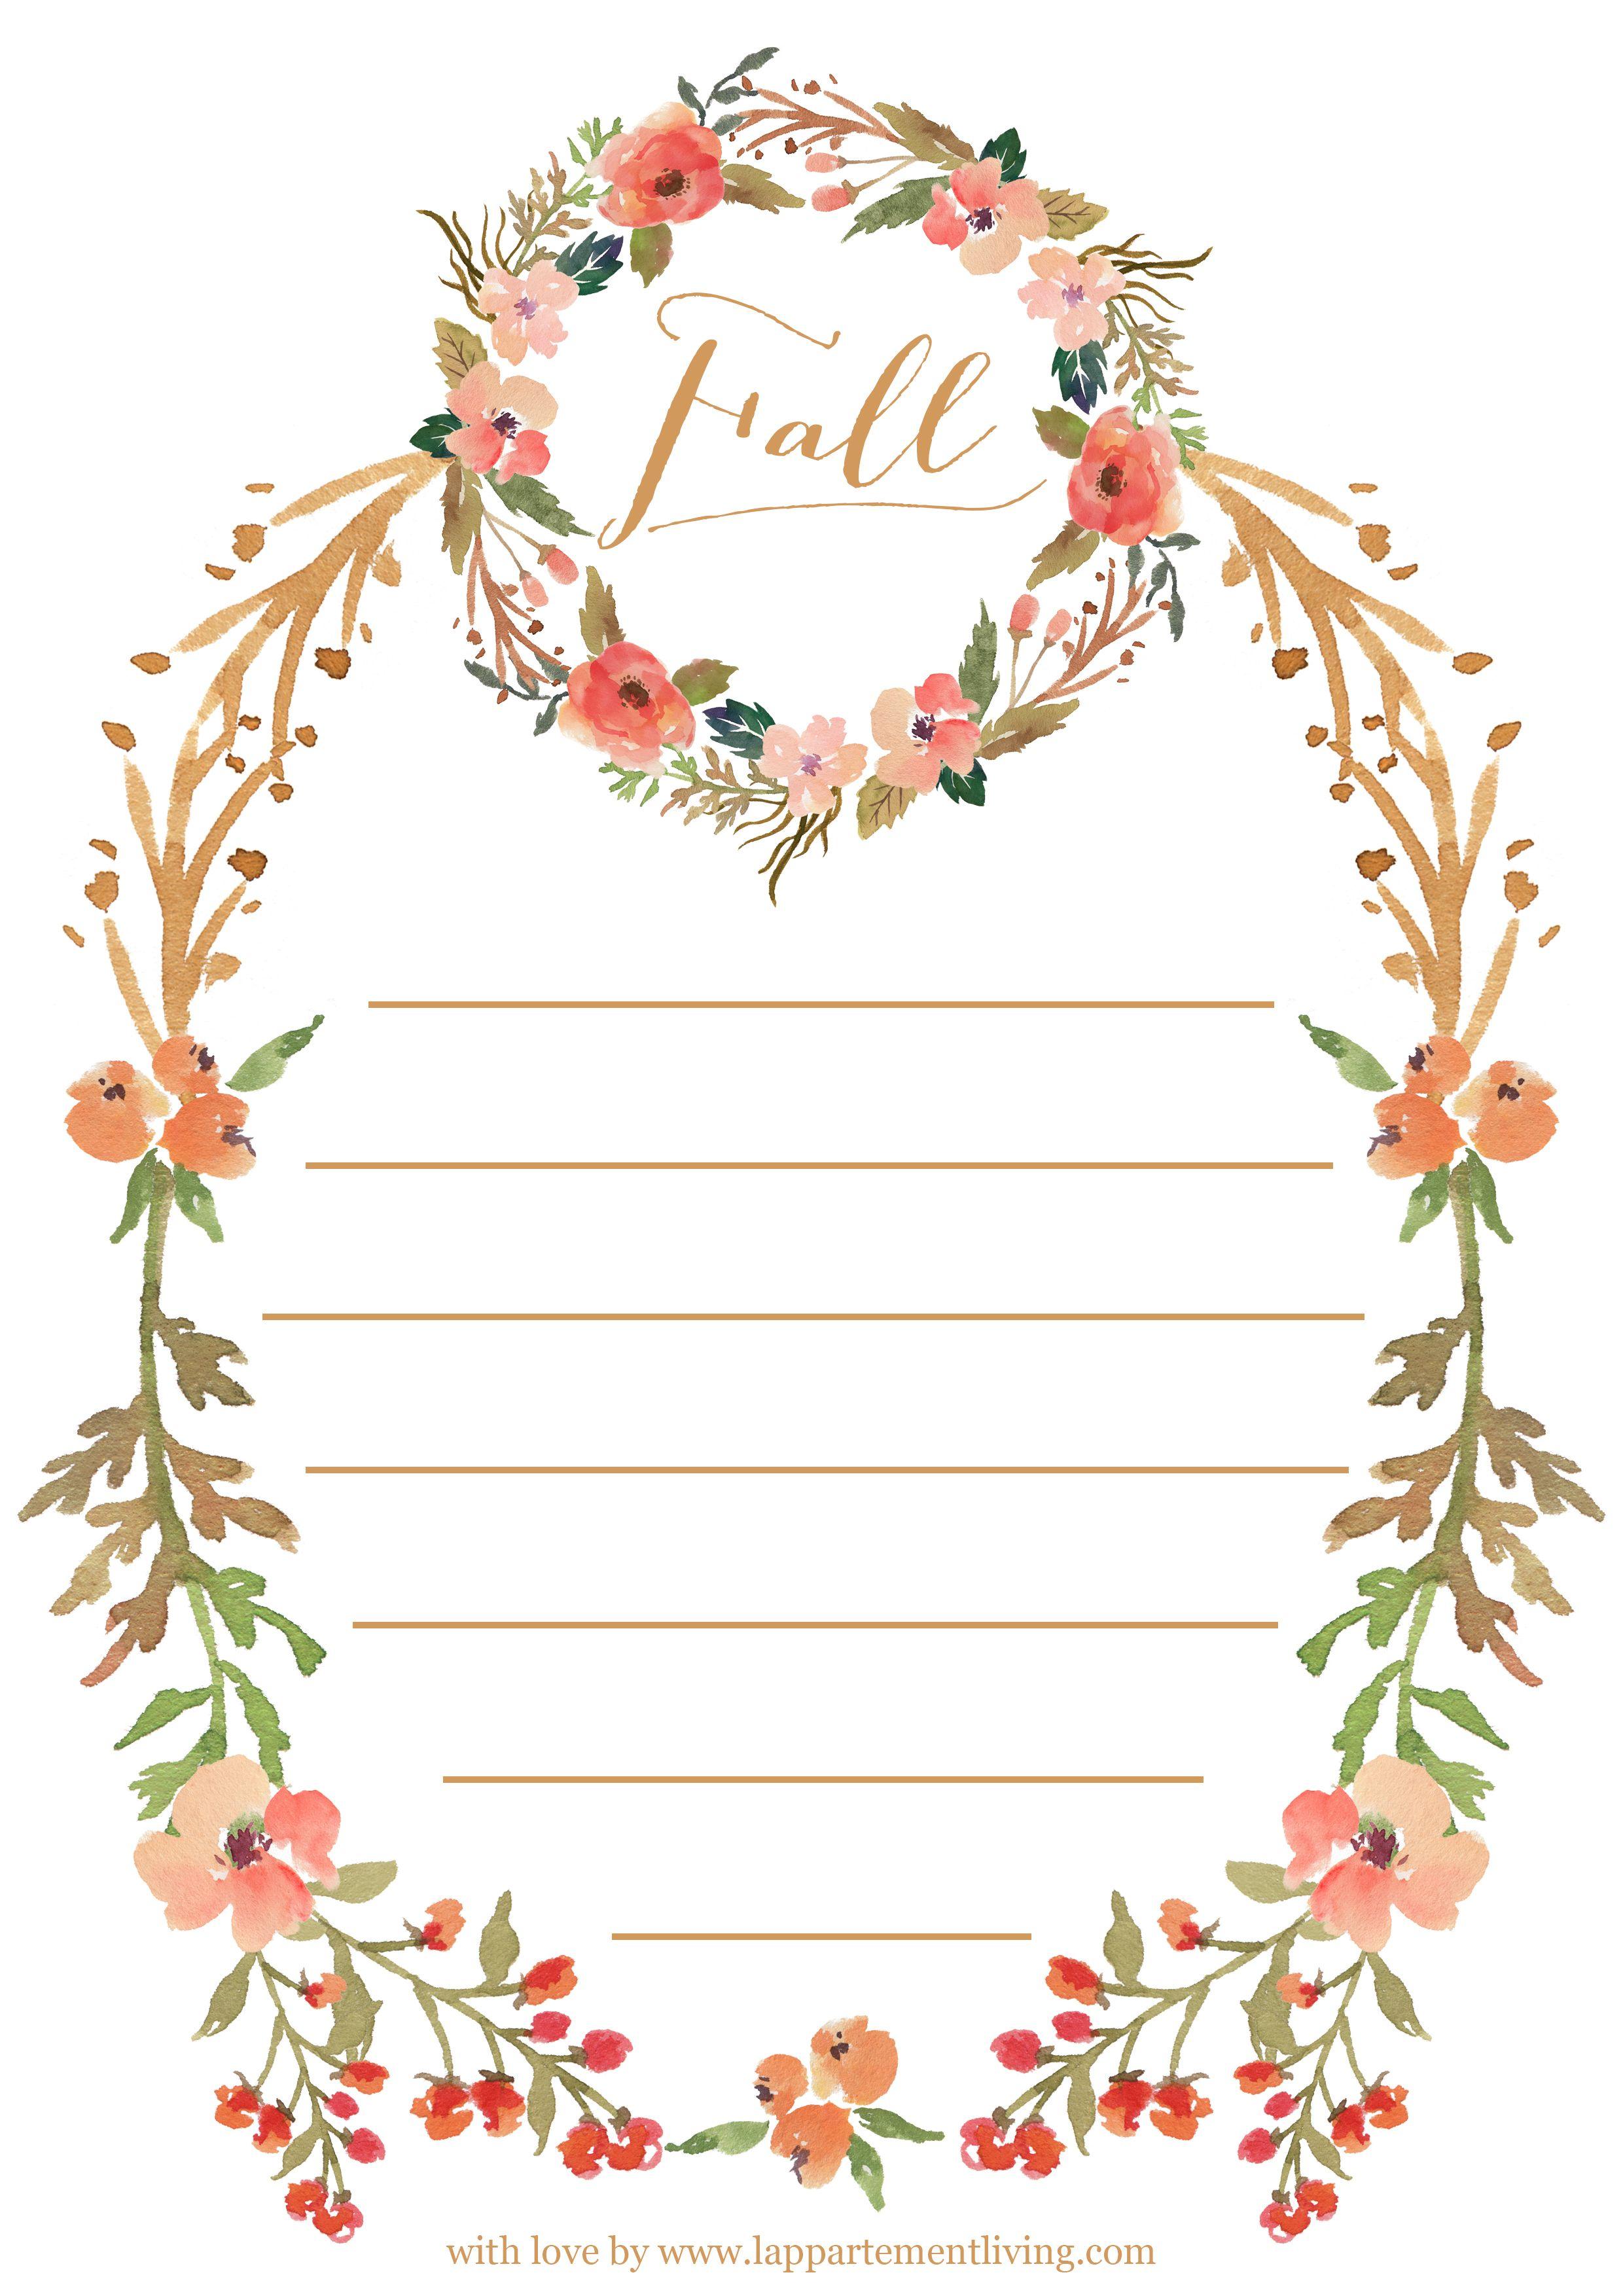 Diy to do list d 39 automne t l charger a imprimer to print automne diy automne et a - Image automne gratuite imprimer ...